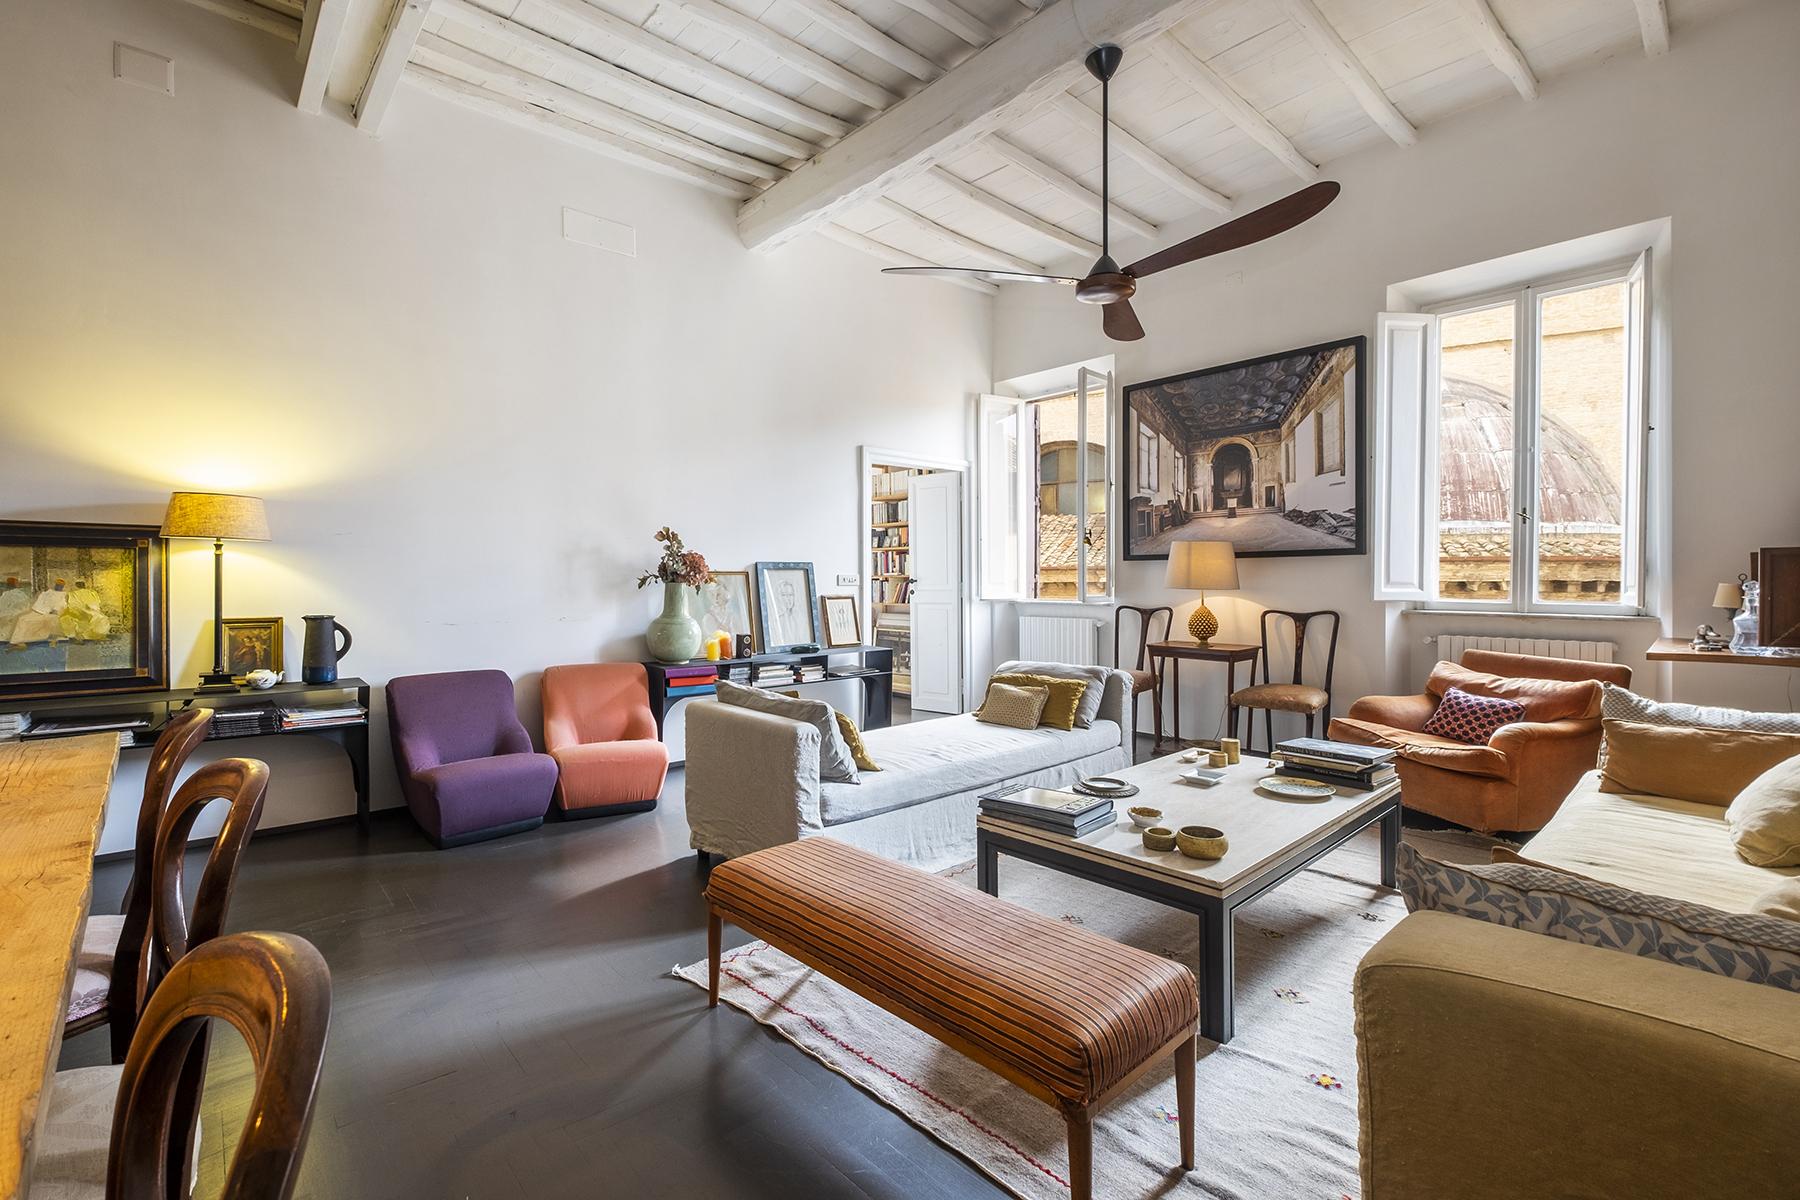 Appartamento di lusso in vendita a roma via del babuino for Affitto studio ad ore roma